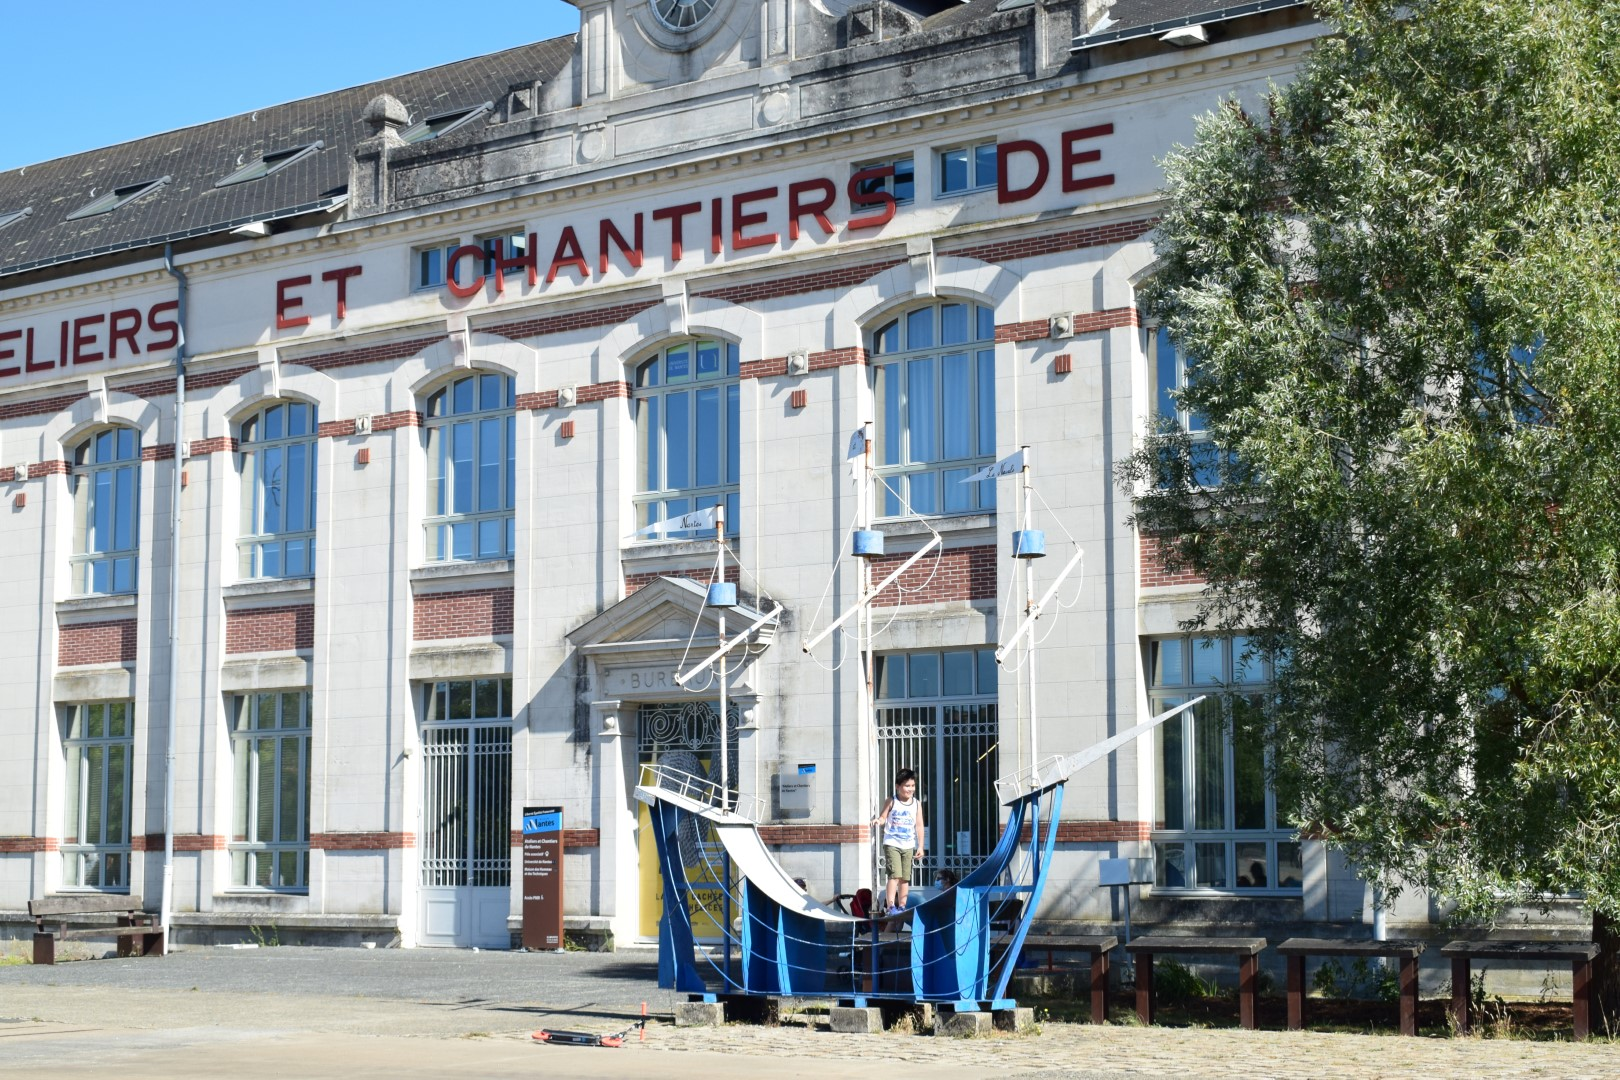 Maison des Hommes et des Techniques, Île de Nantes, July 2020